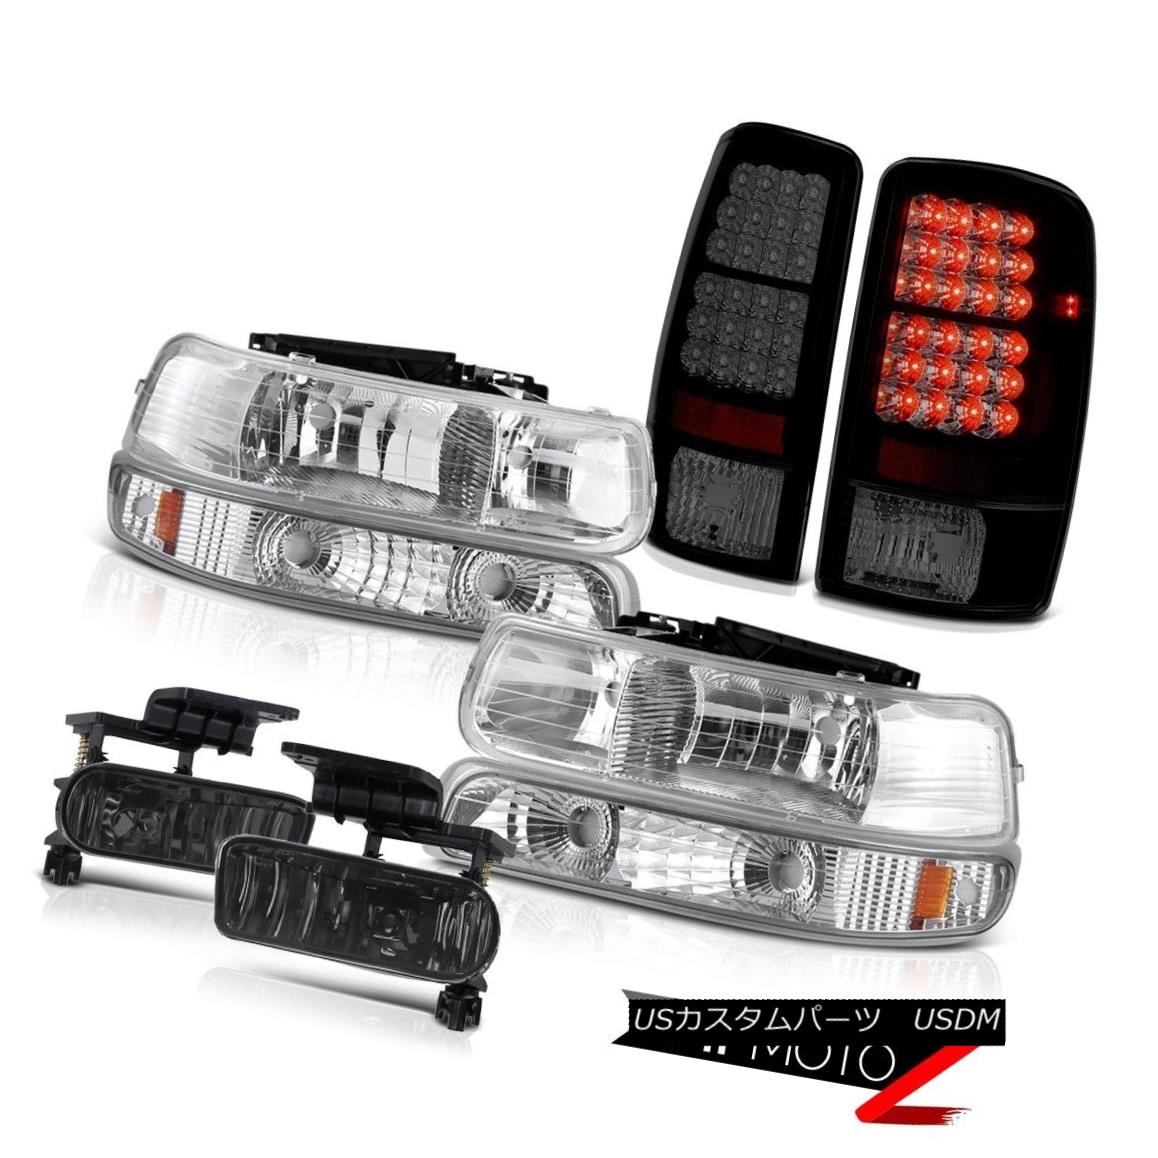 テールライト 2000-2006 Tahoe 5.3L Crystal Bumper Headlights Bright LED Taillamps Driving Fog 2000-2006タホ5.3Lクリスタルバンパーヘッドライト明るいLEDタイルランプドライビングフォグ